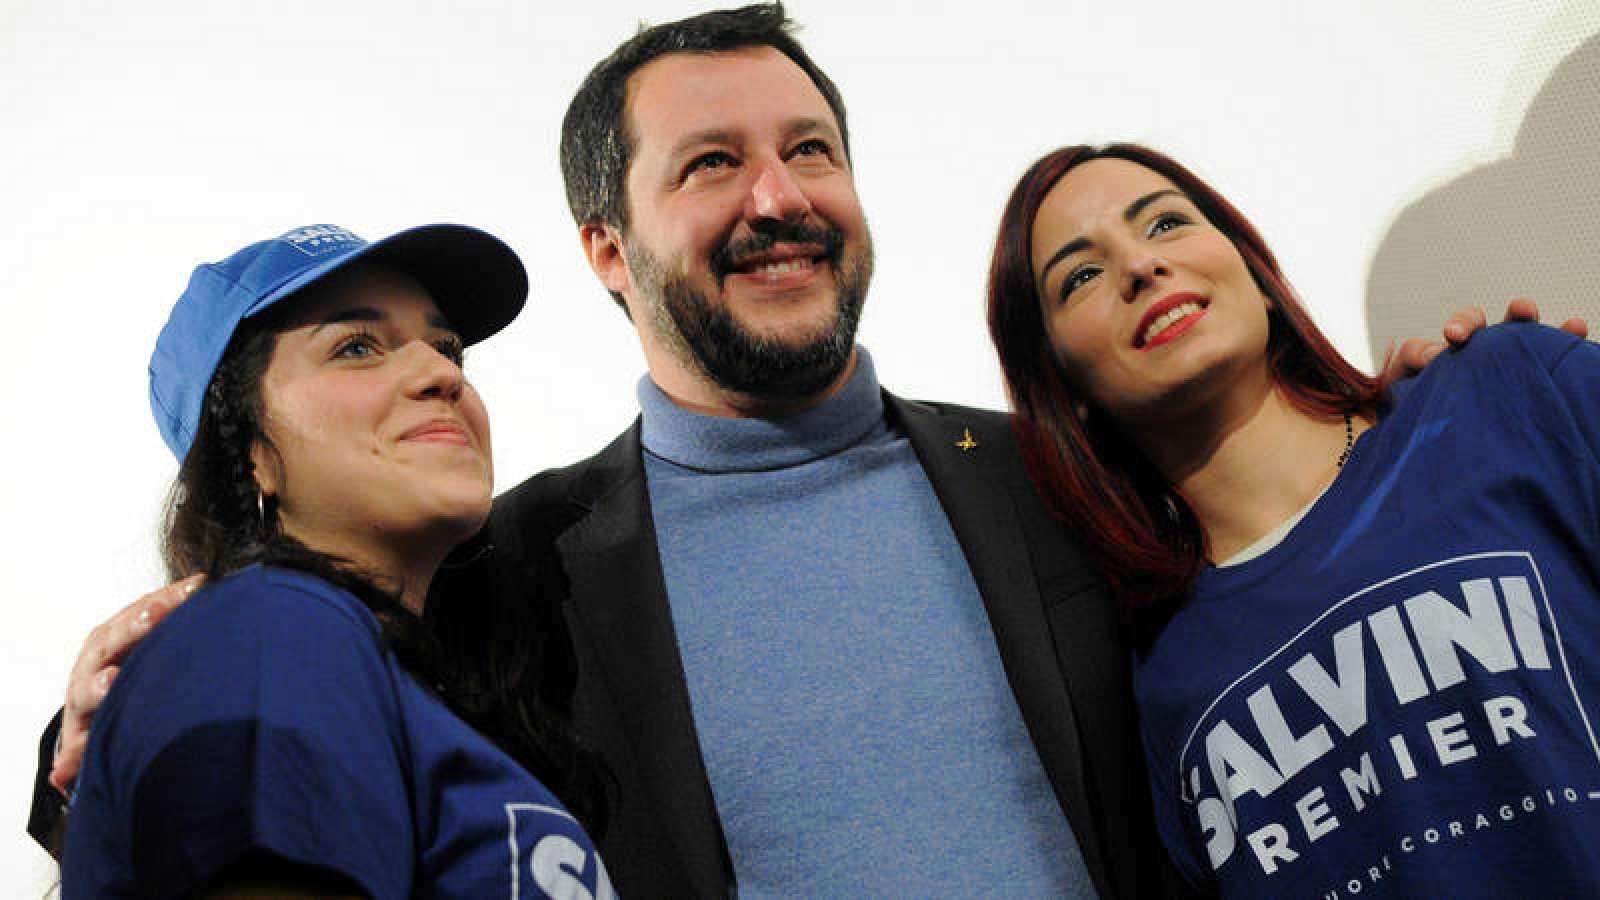 El líder de la Liga, Matteo Salvini, posa con sus simpatizantes en un mitin en Palermo